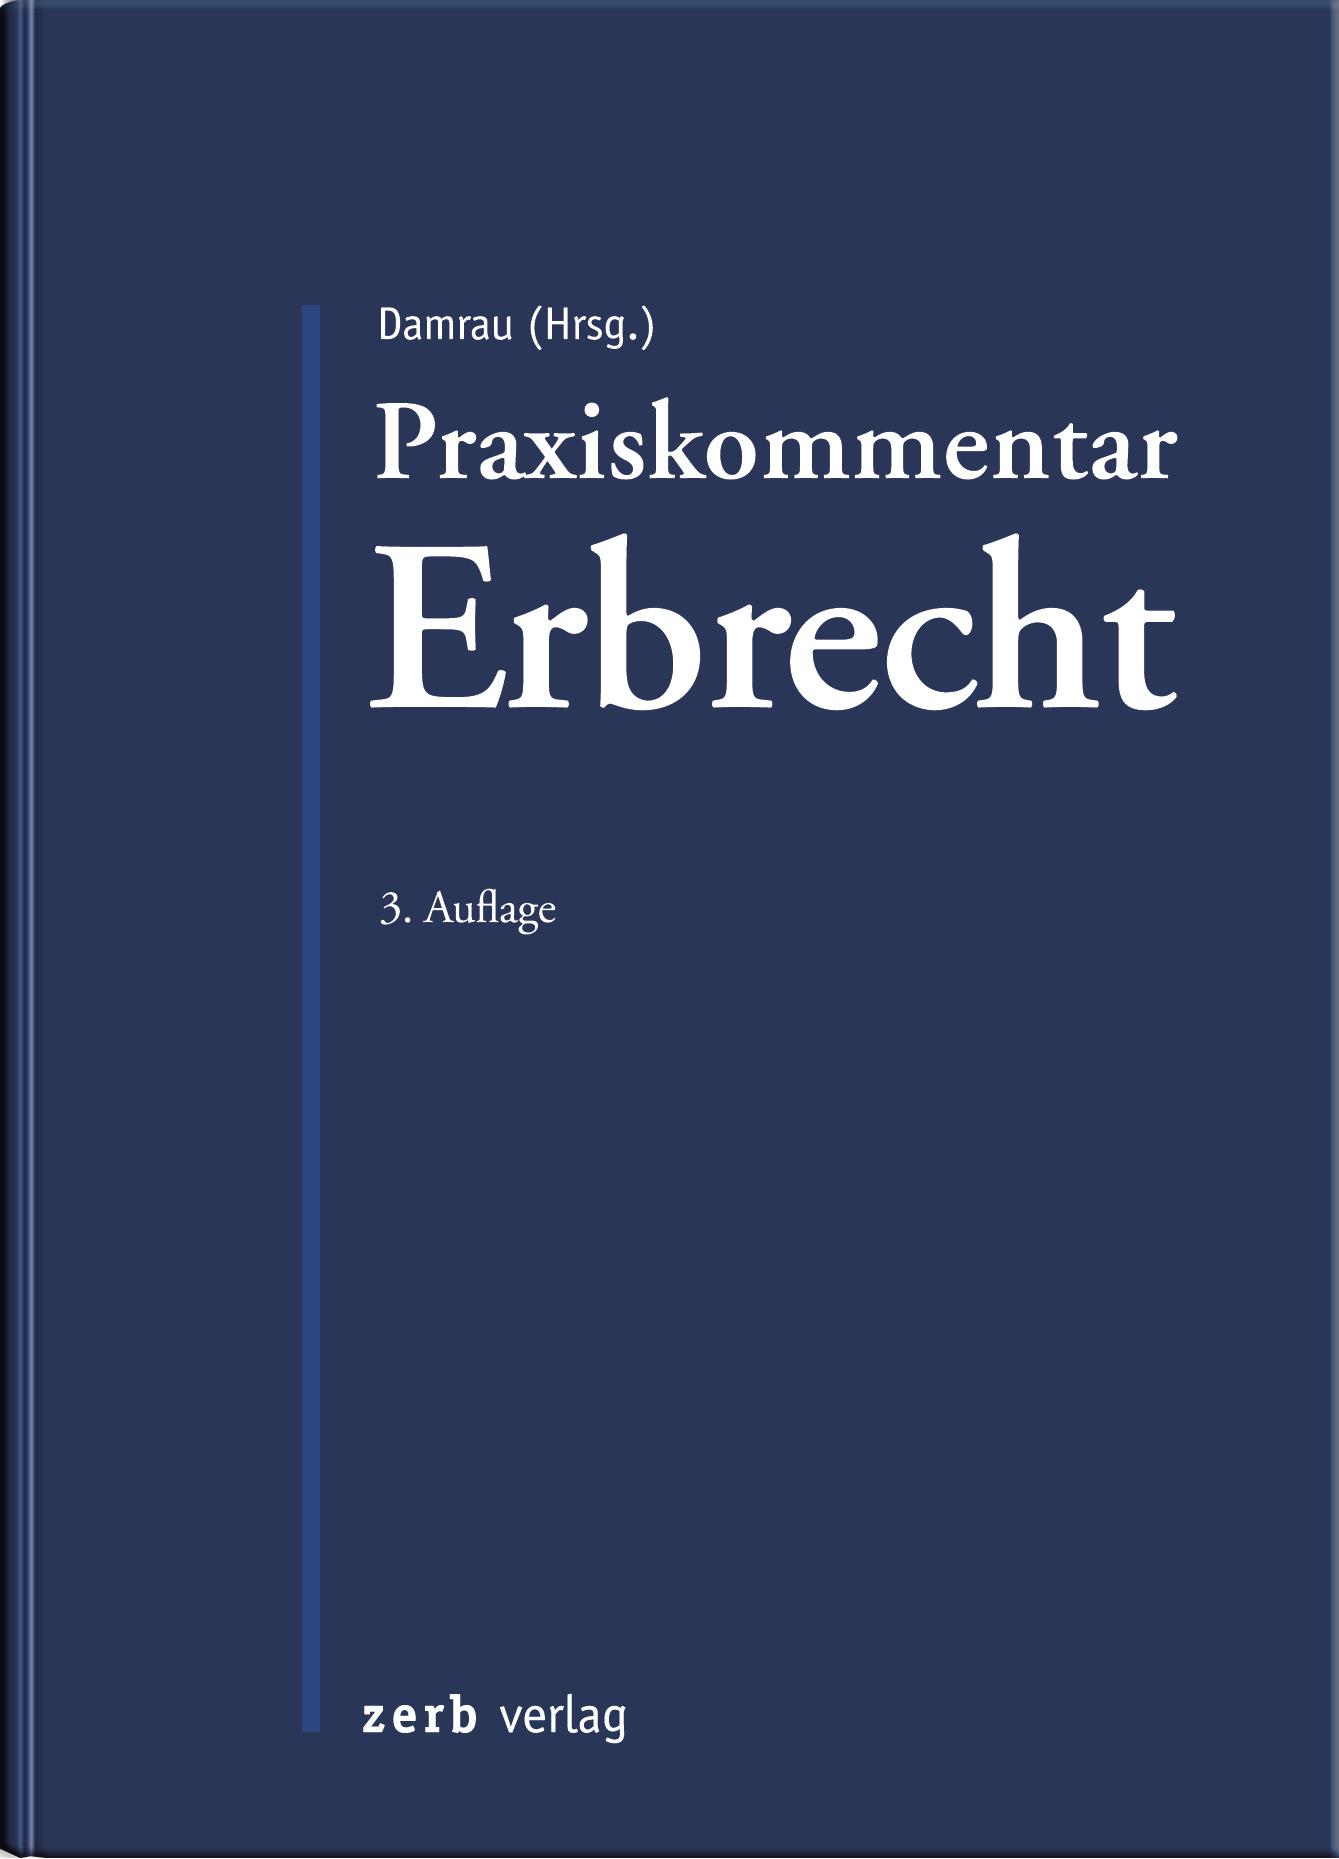 Praxiskommentar Erbrecht Jürgen Damrau